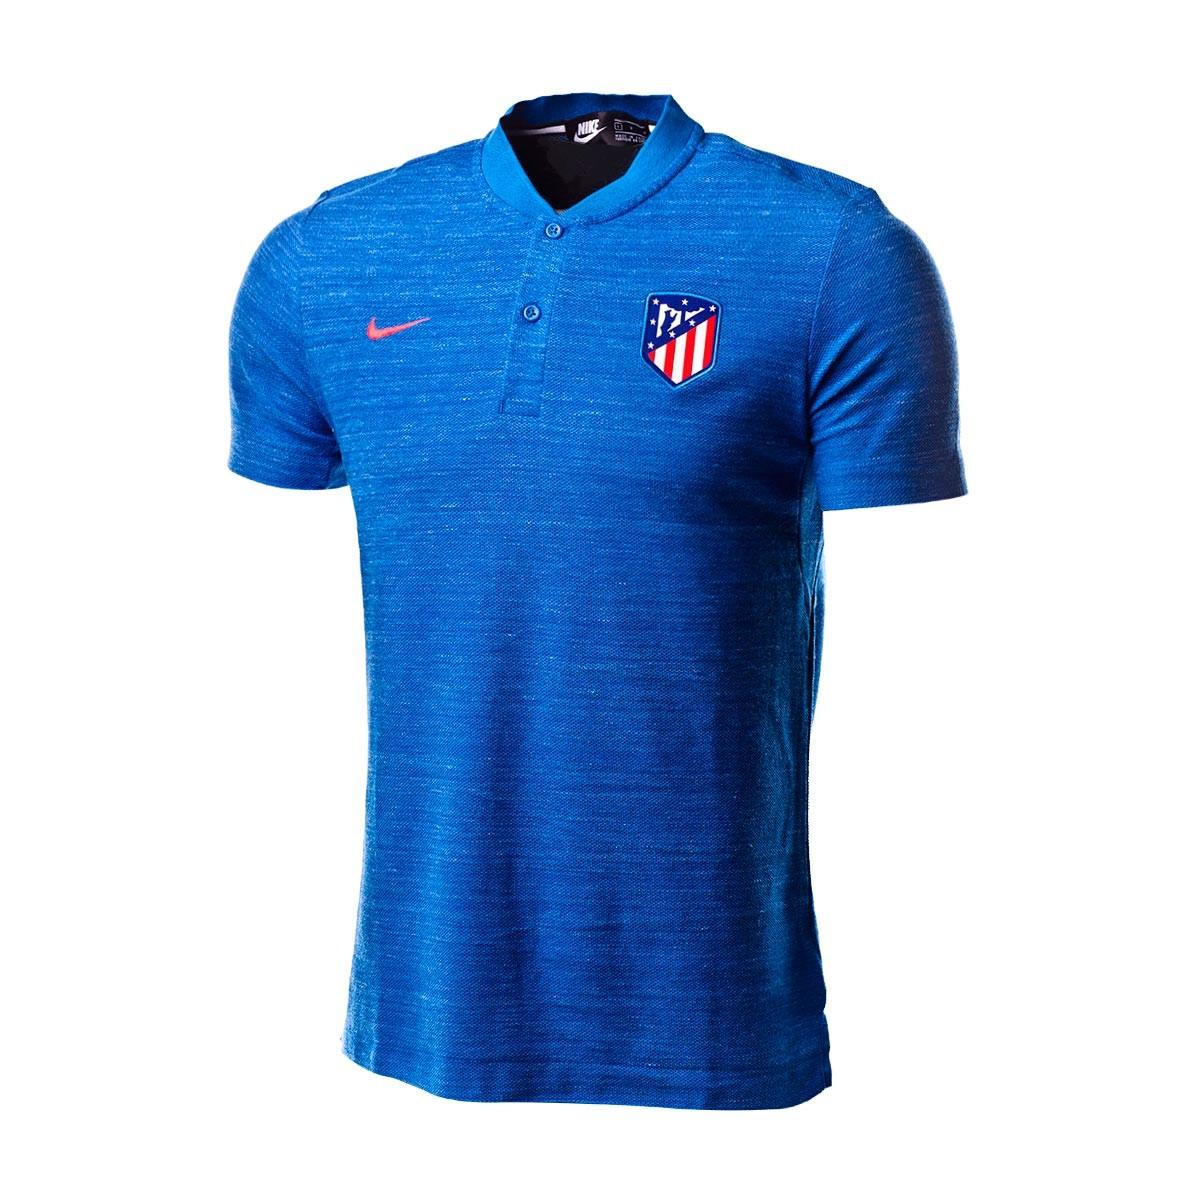 1577a04d47f2a Polo Nike Atlético de Madrid Grand Slam 2018-2019 Blue nebula-Bright  crimson - Tienda de fútbol Fútbol Emotion